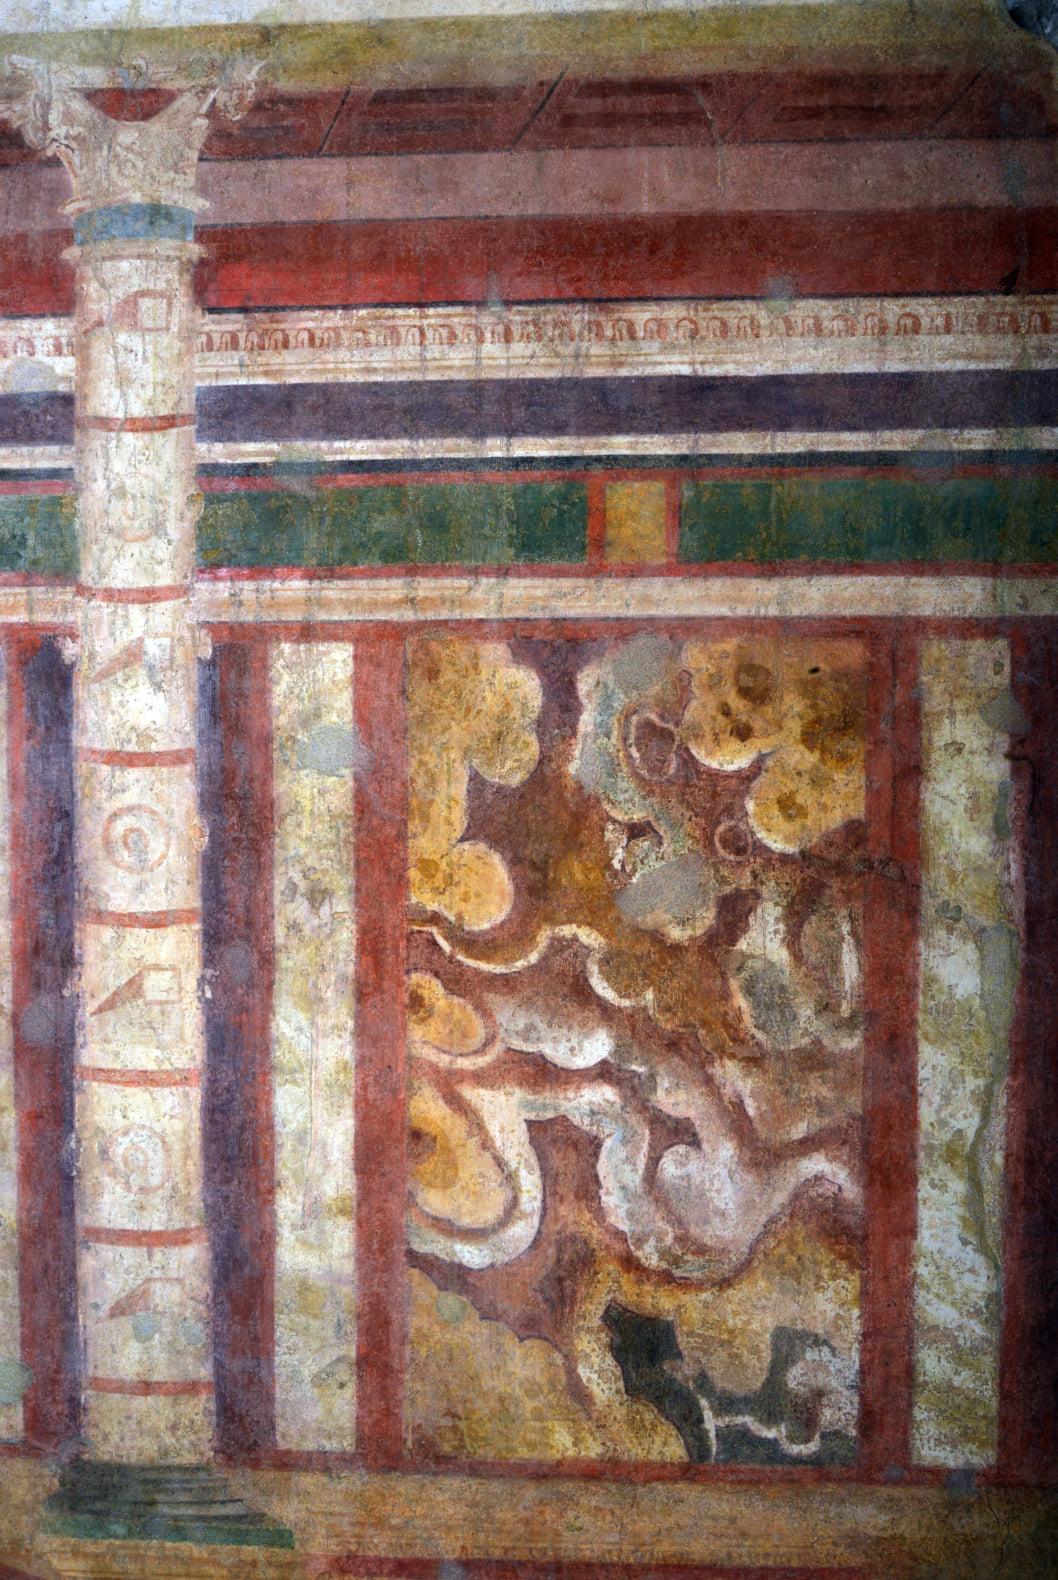 roma_palatino_casa-dei-grifi_pitture-murali-stanza-con-emblema-cubi_dettaglio_foto-PArCo